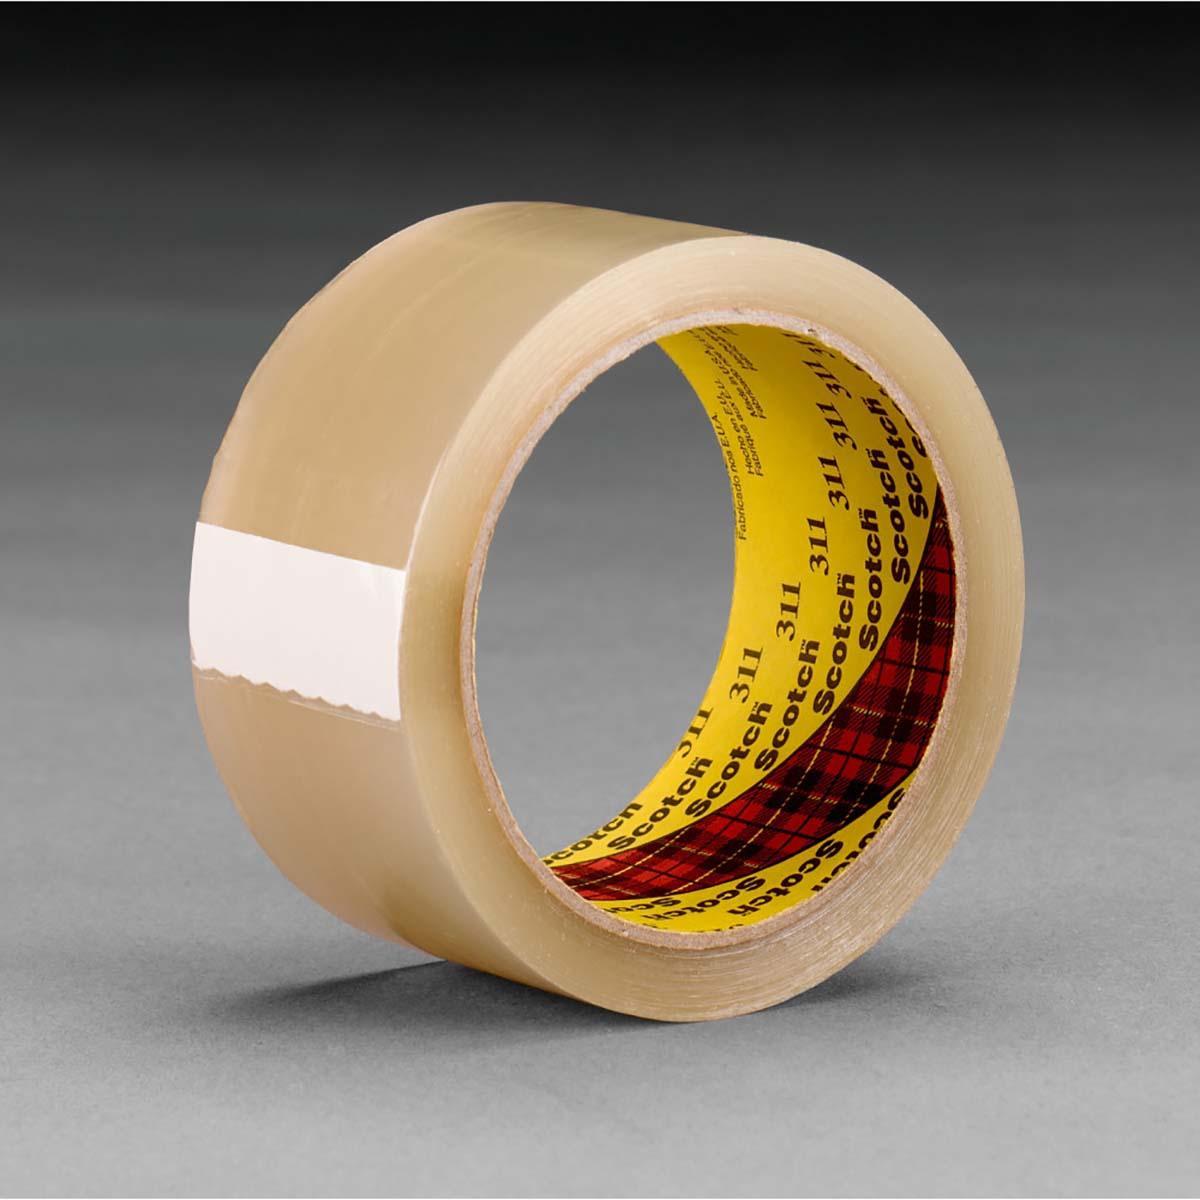 Scotch® Box Sealing Tape 311 Clear, 48 mm x 100 m, 36 rolls per case Bulk